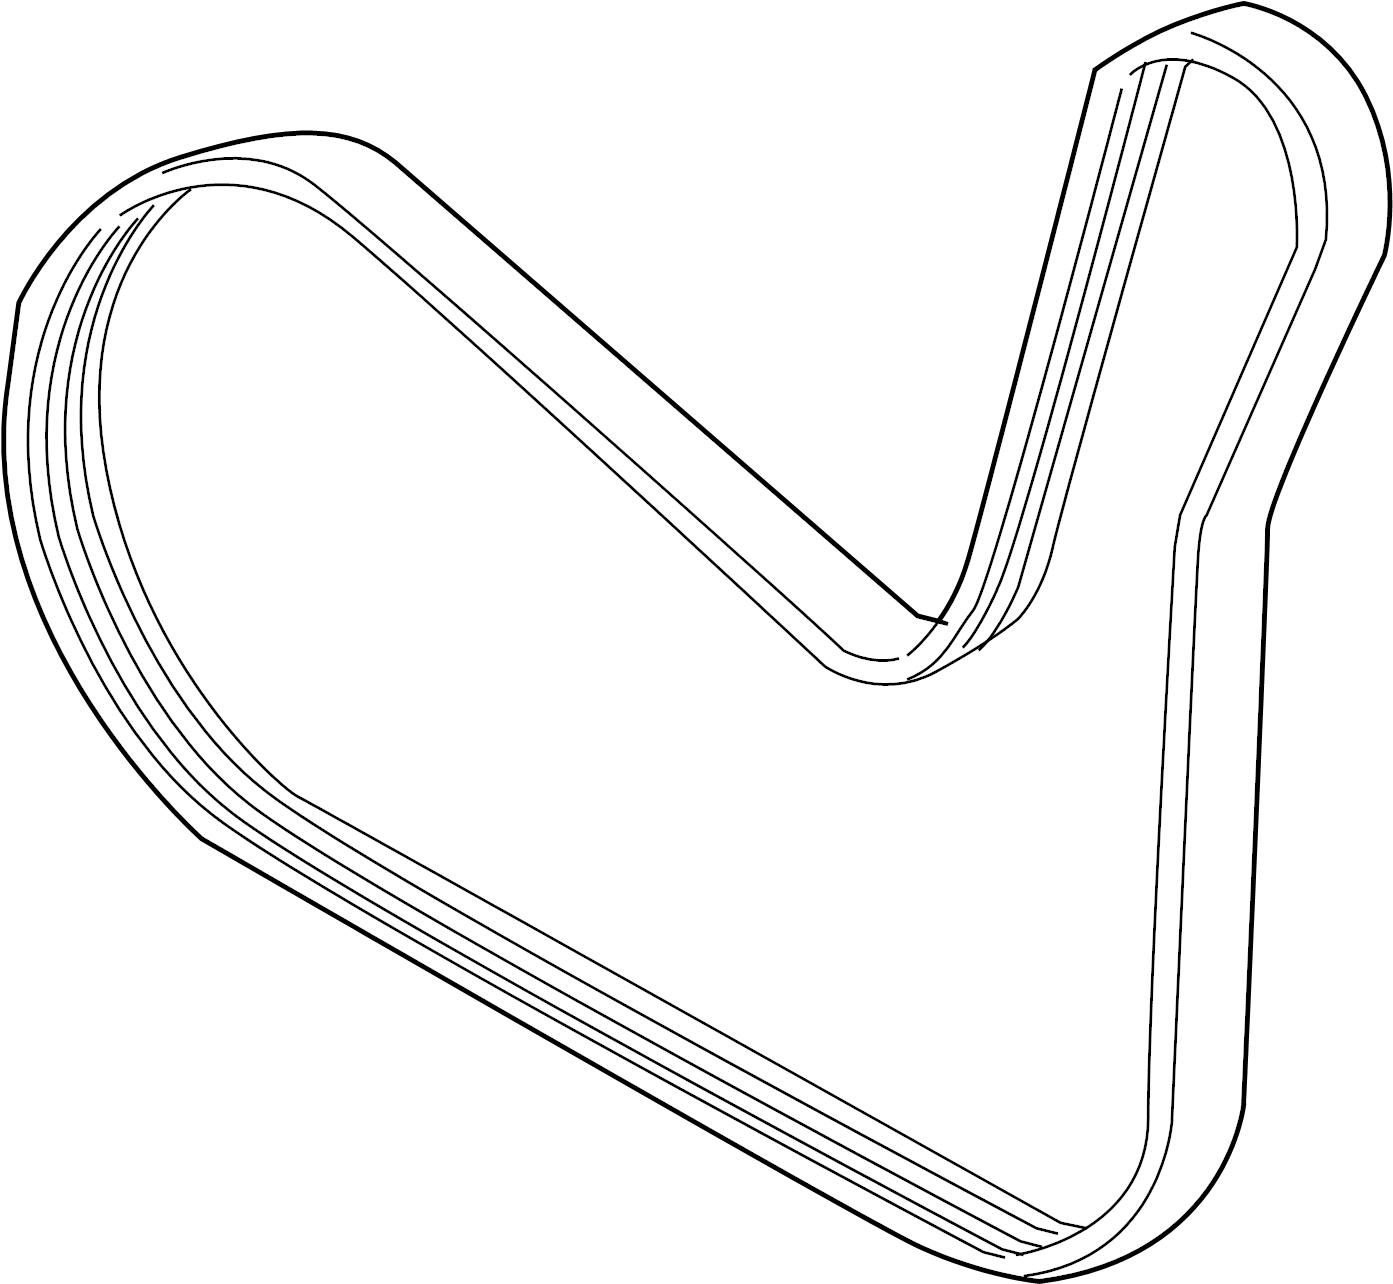 Chevrolet Serpentine Belt